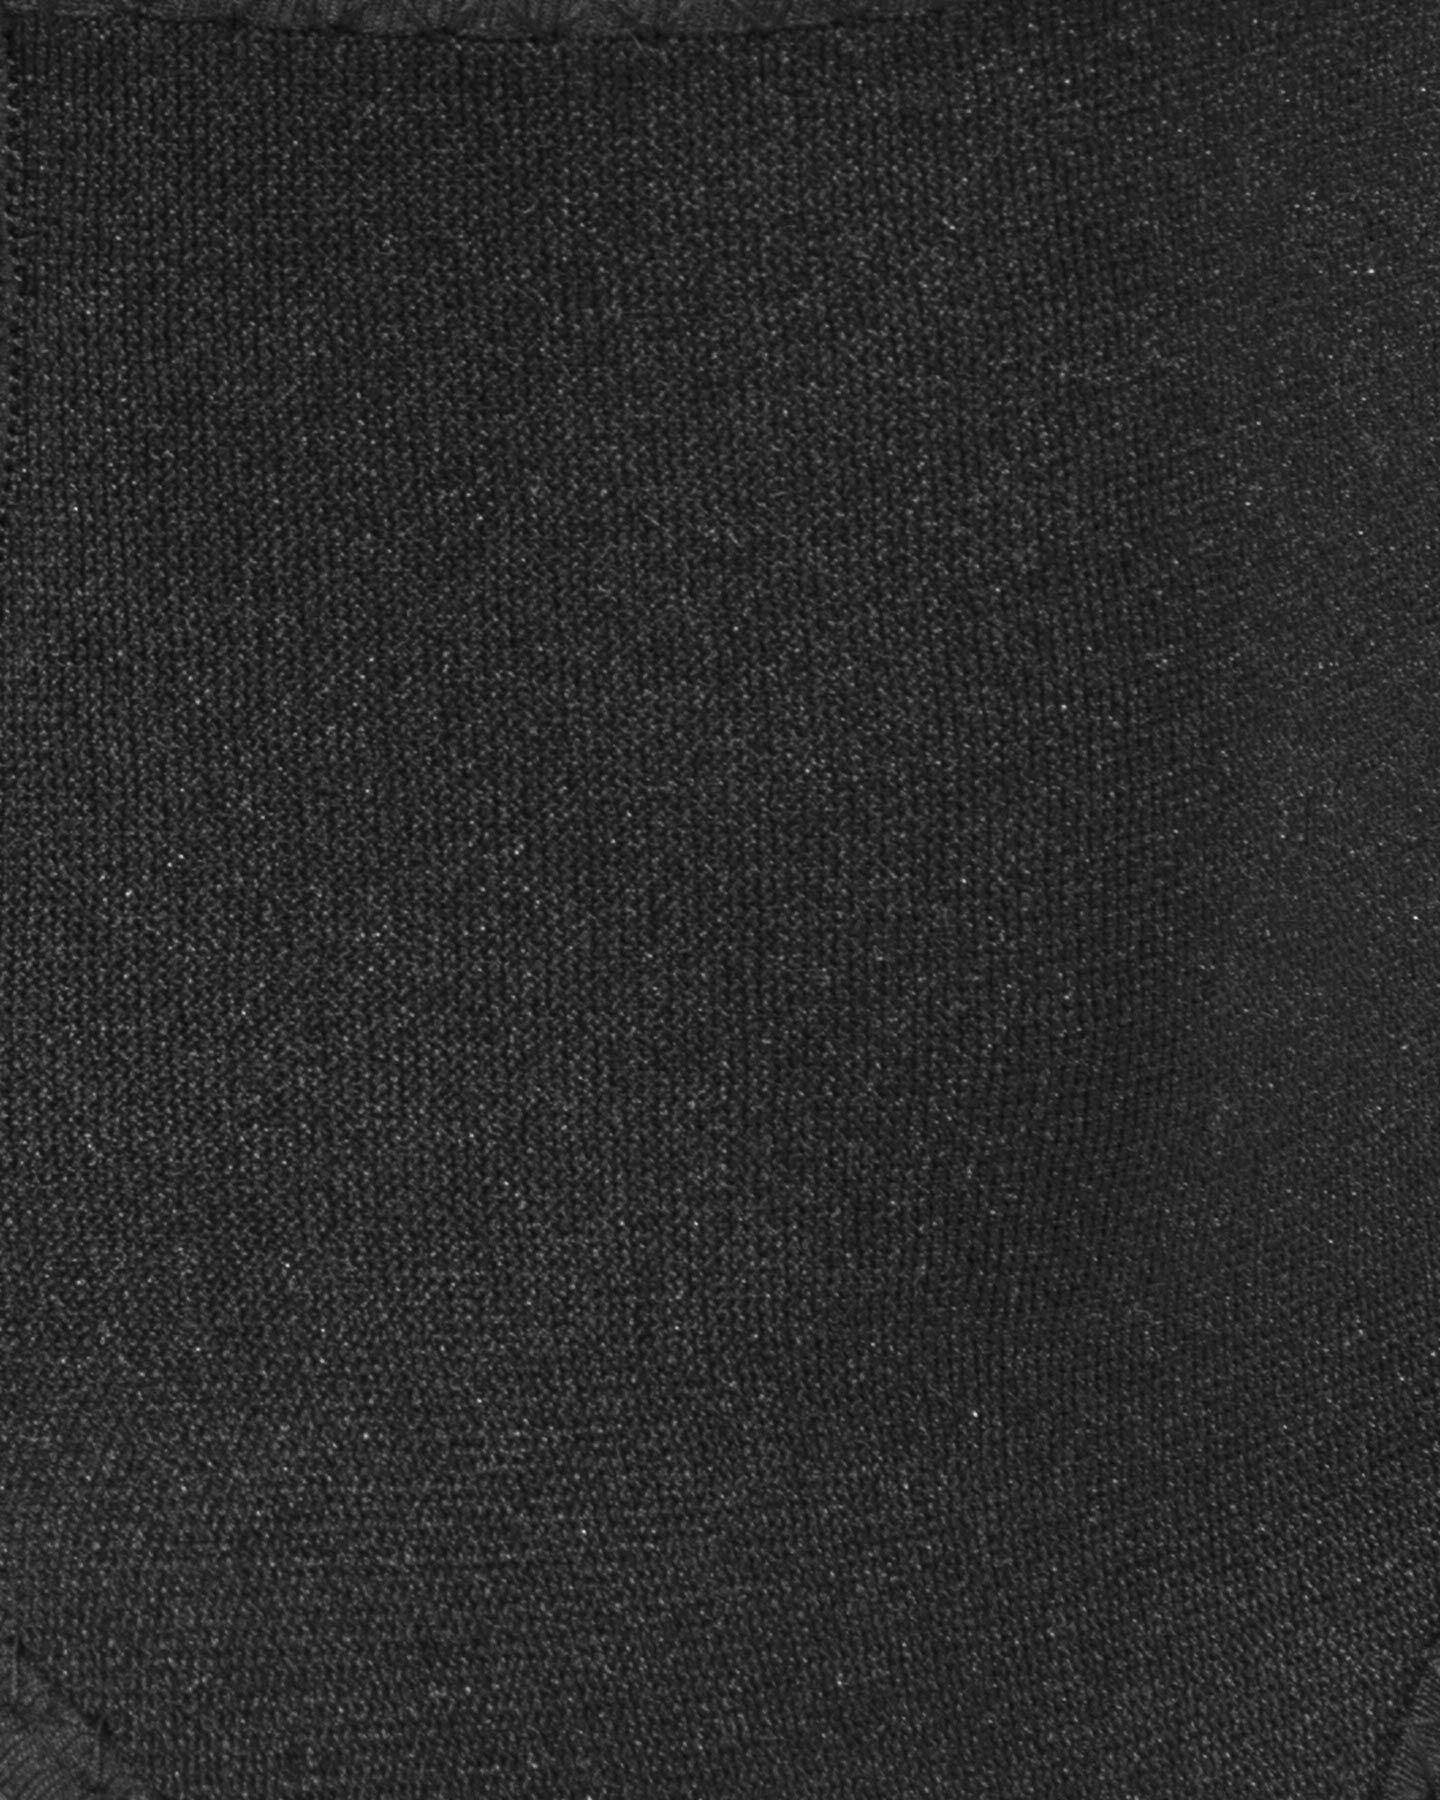 Protezione CARNIELLI CAVIGLIERA NEOPRENE S4021412 scatto 2